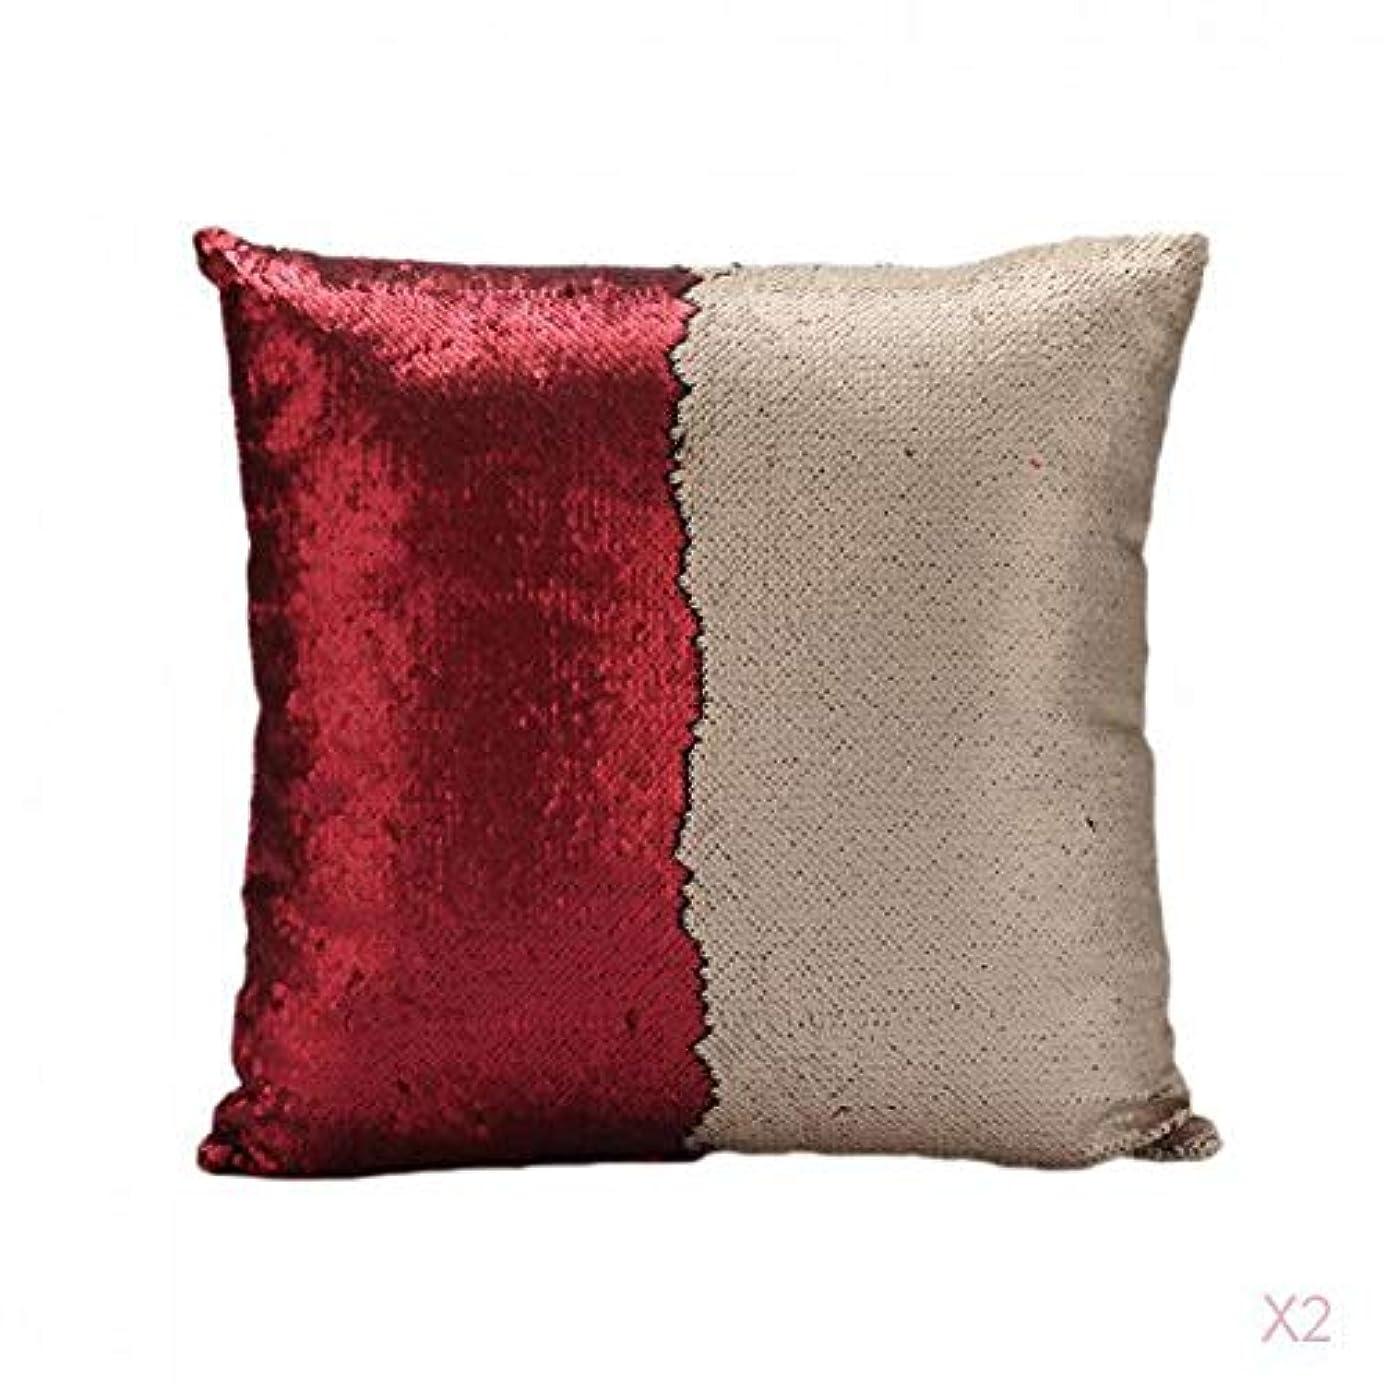 権利を与えるプラットフォームディスコ赤可逆スエードスパンコールソファ腰クッションカバーベッドの枕カバースリップ